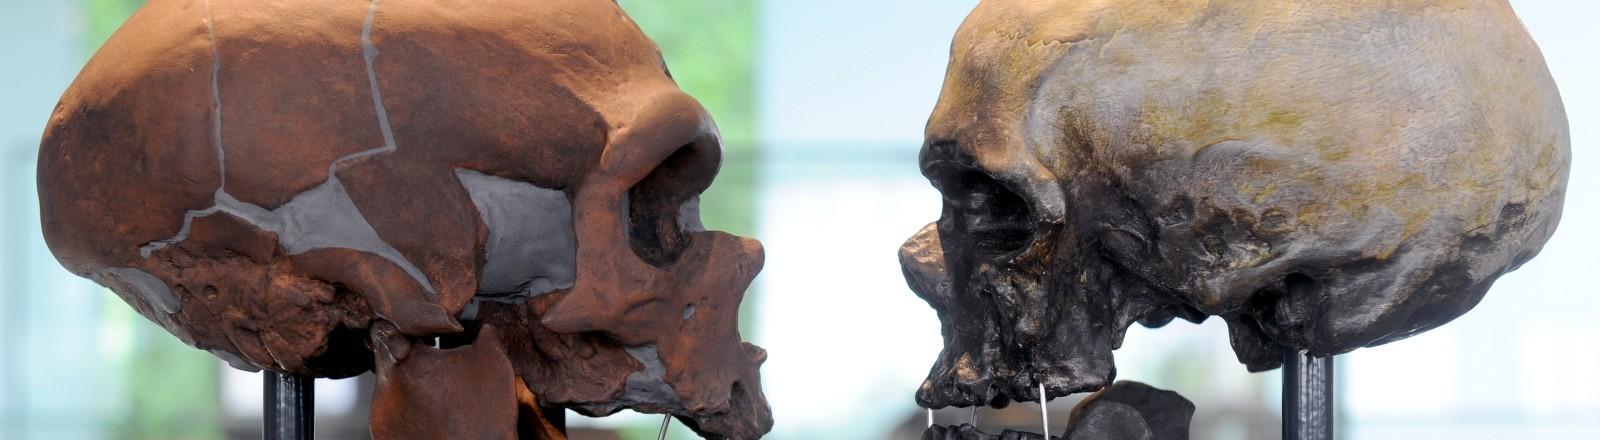 Zwei Schädel von einem Neandertaler und einem Neuzeitlichen Menschen